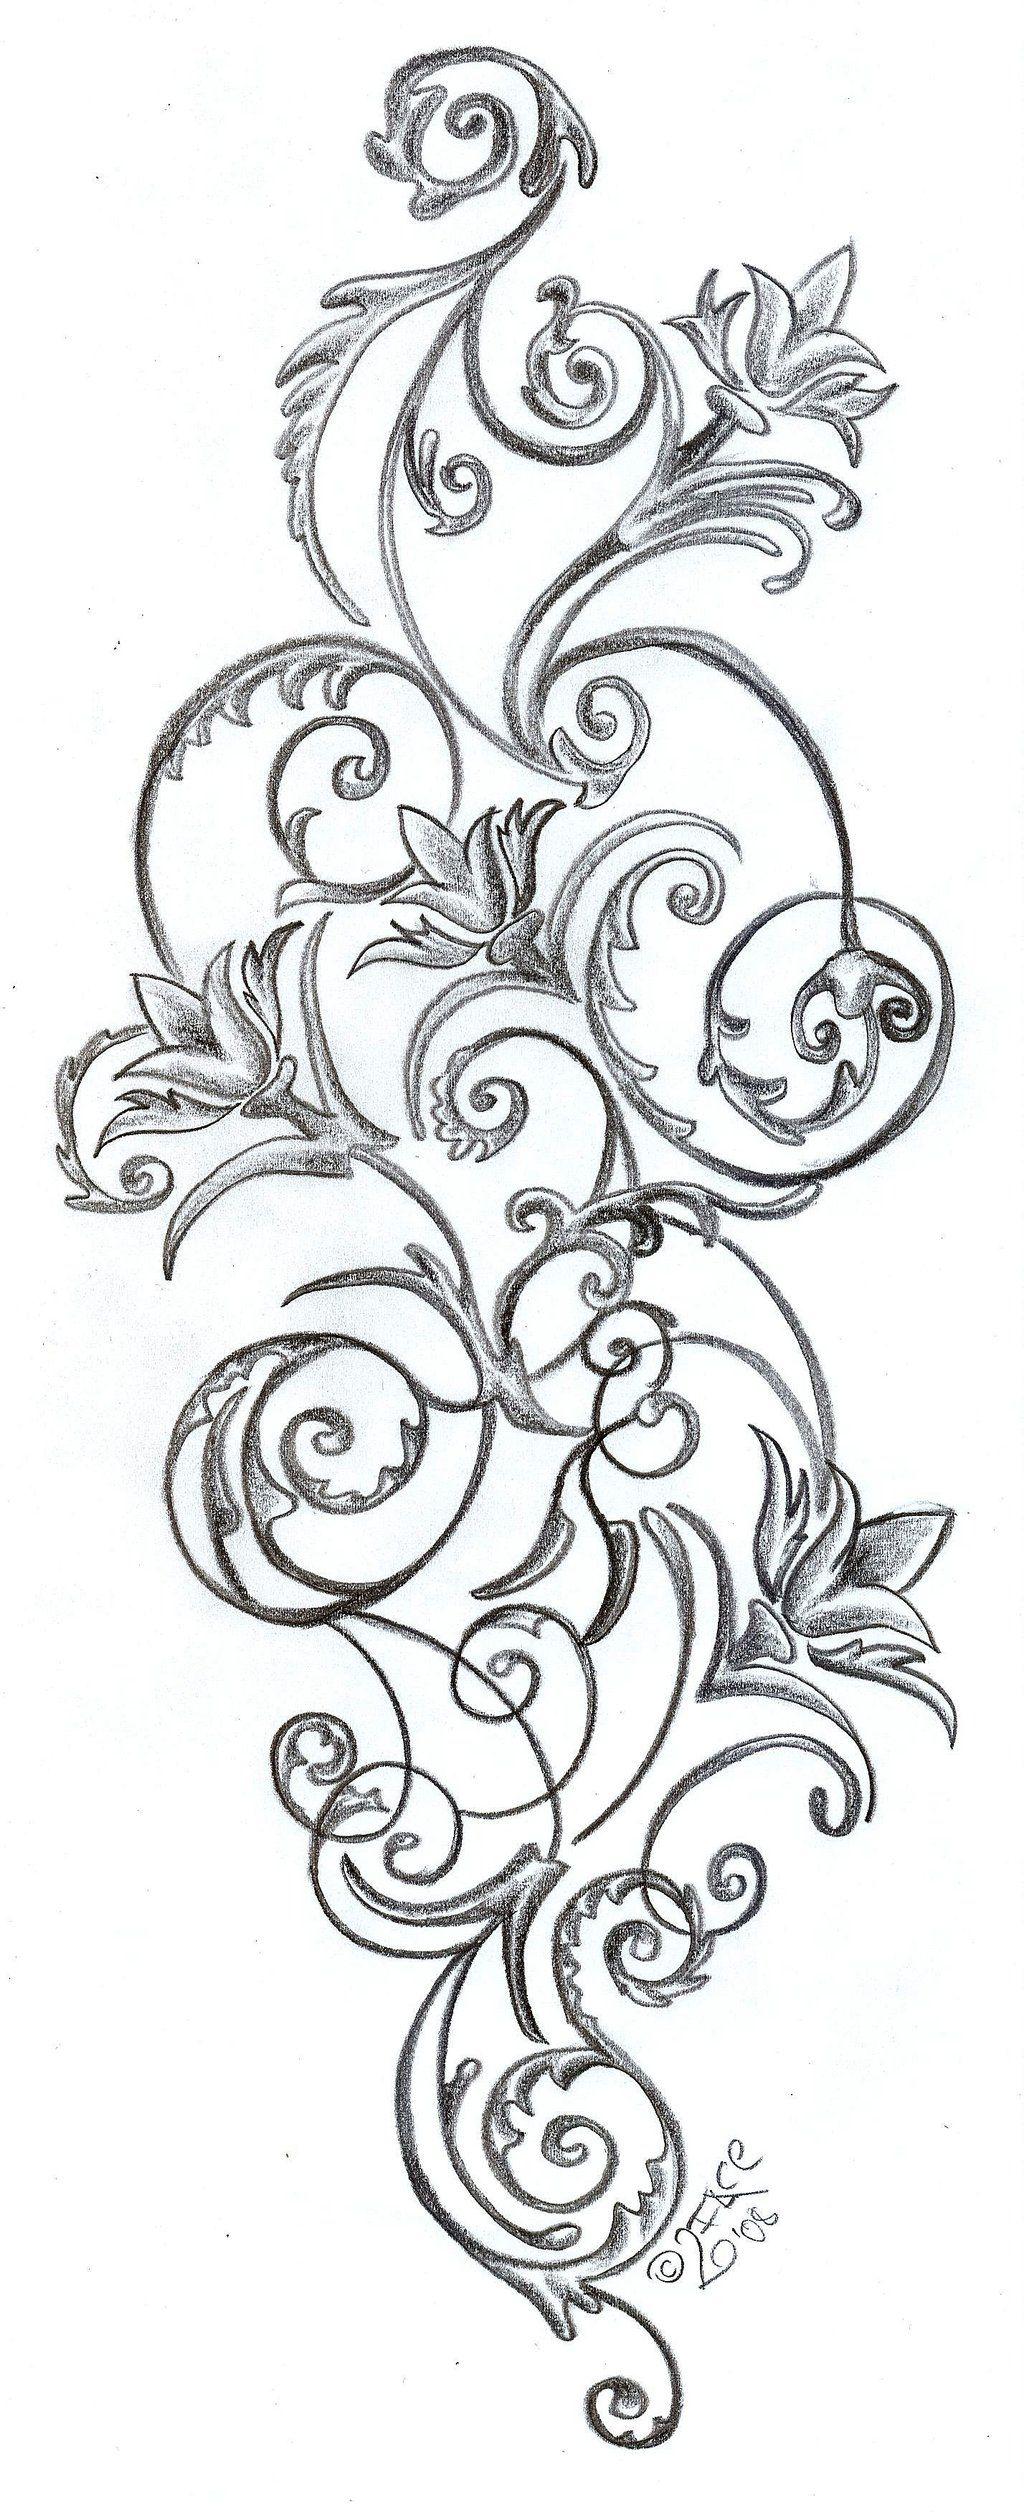 Rib tattoo design